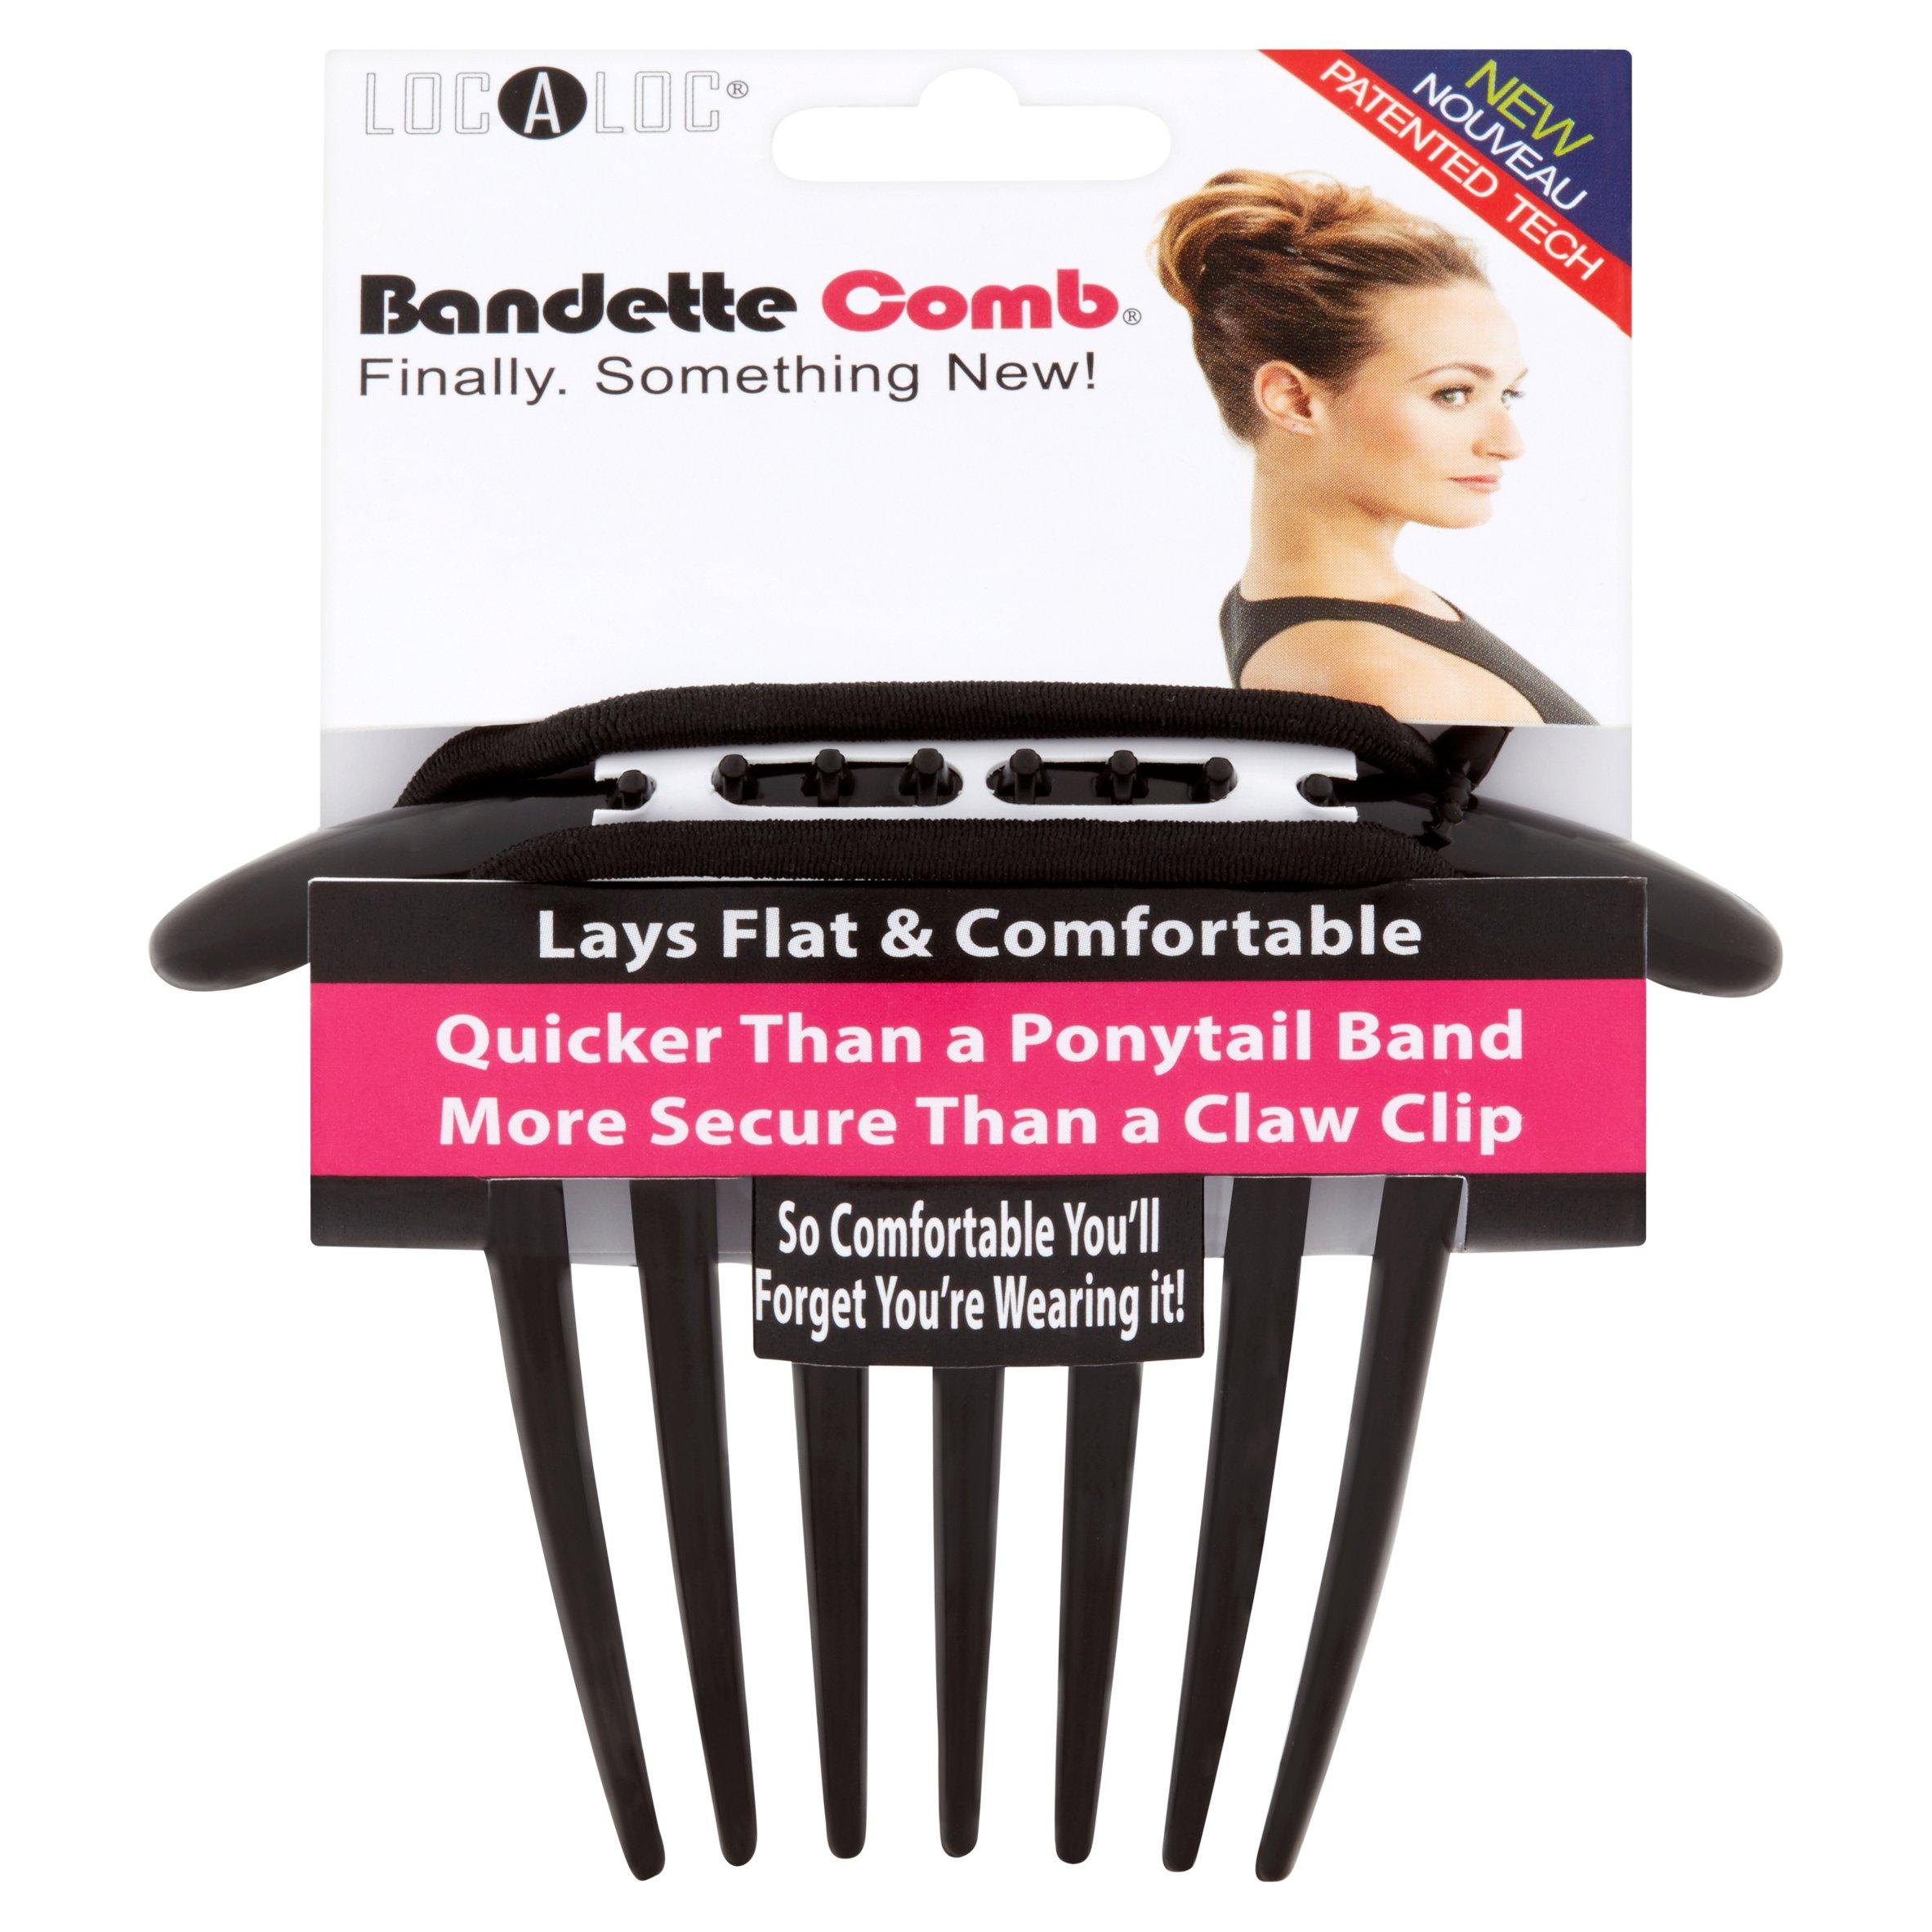 LocALoc Style Bandette Comb